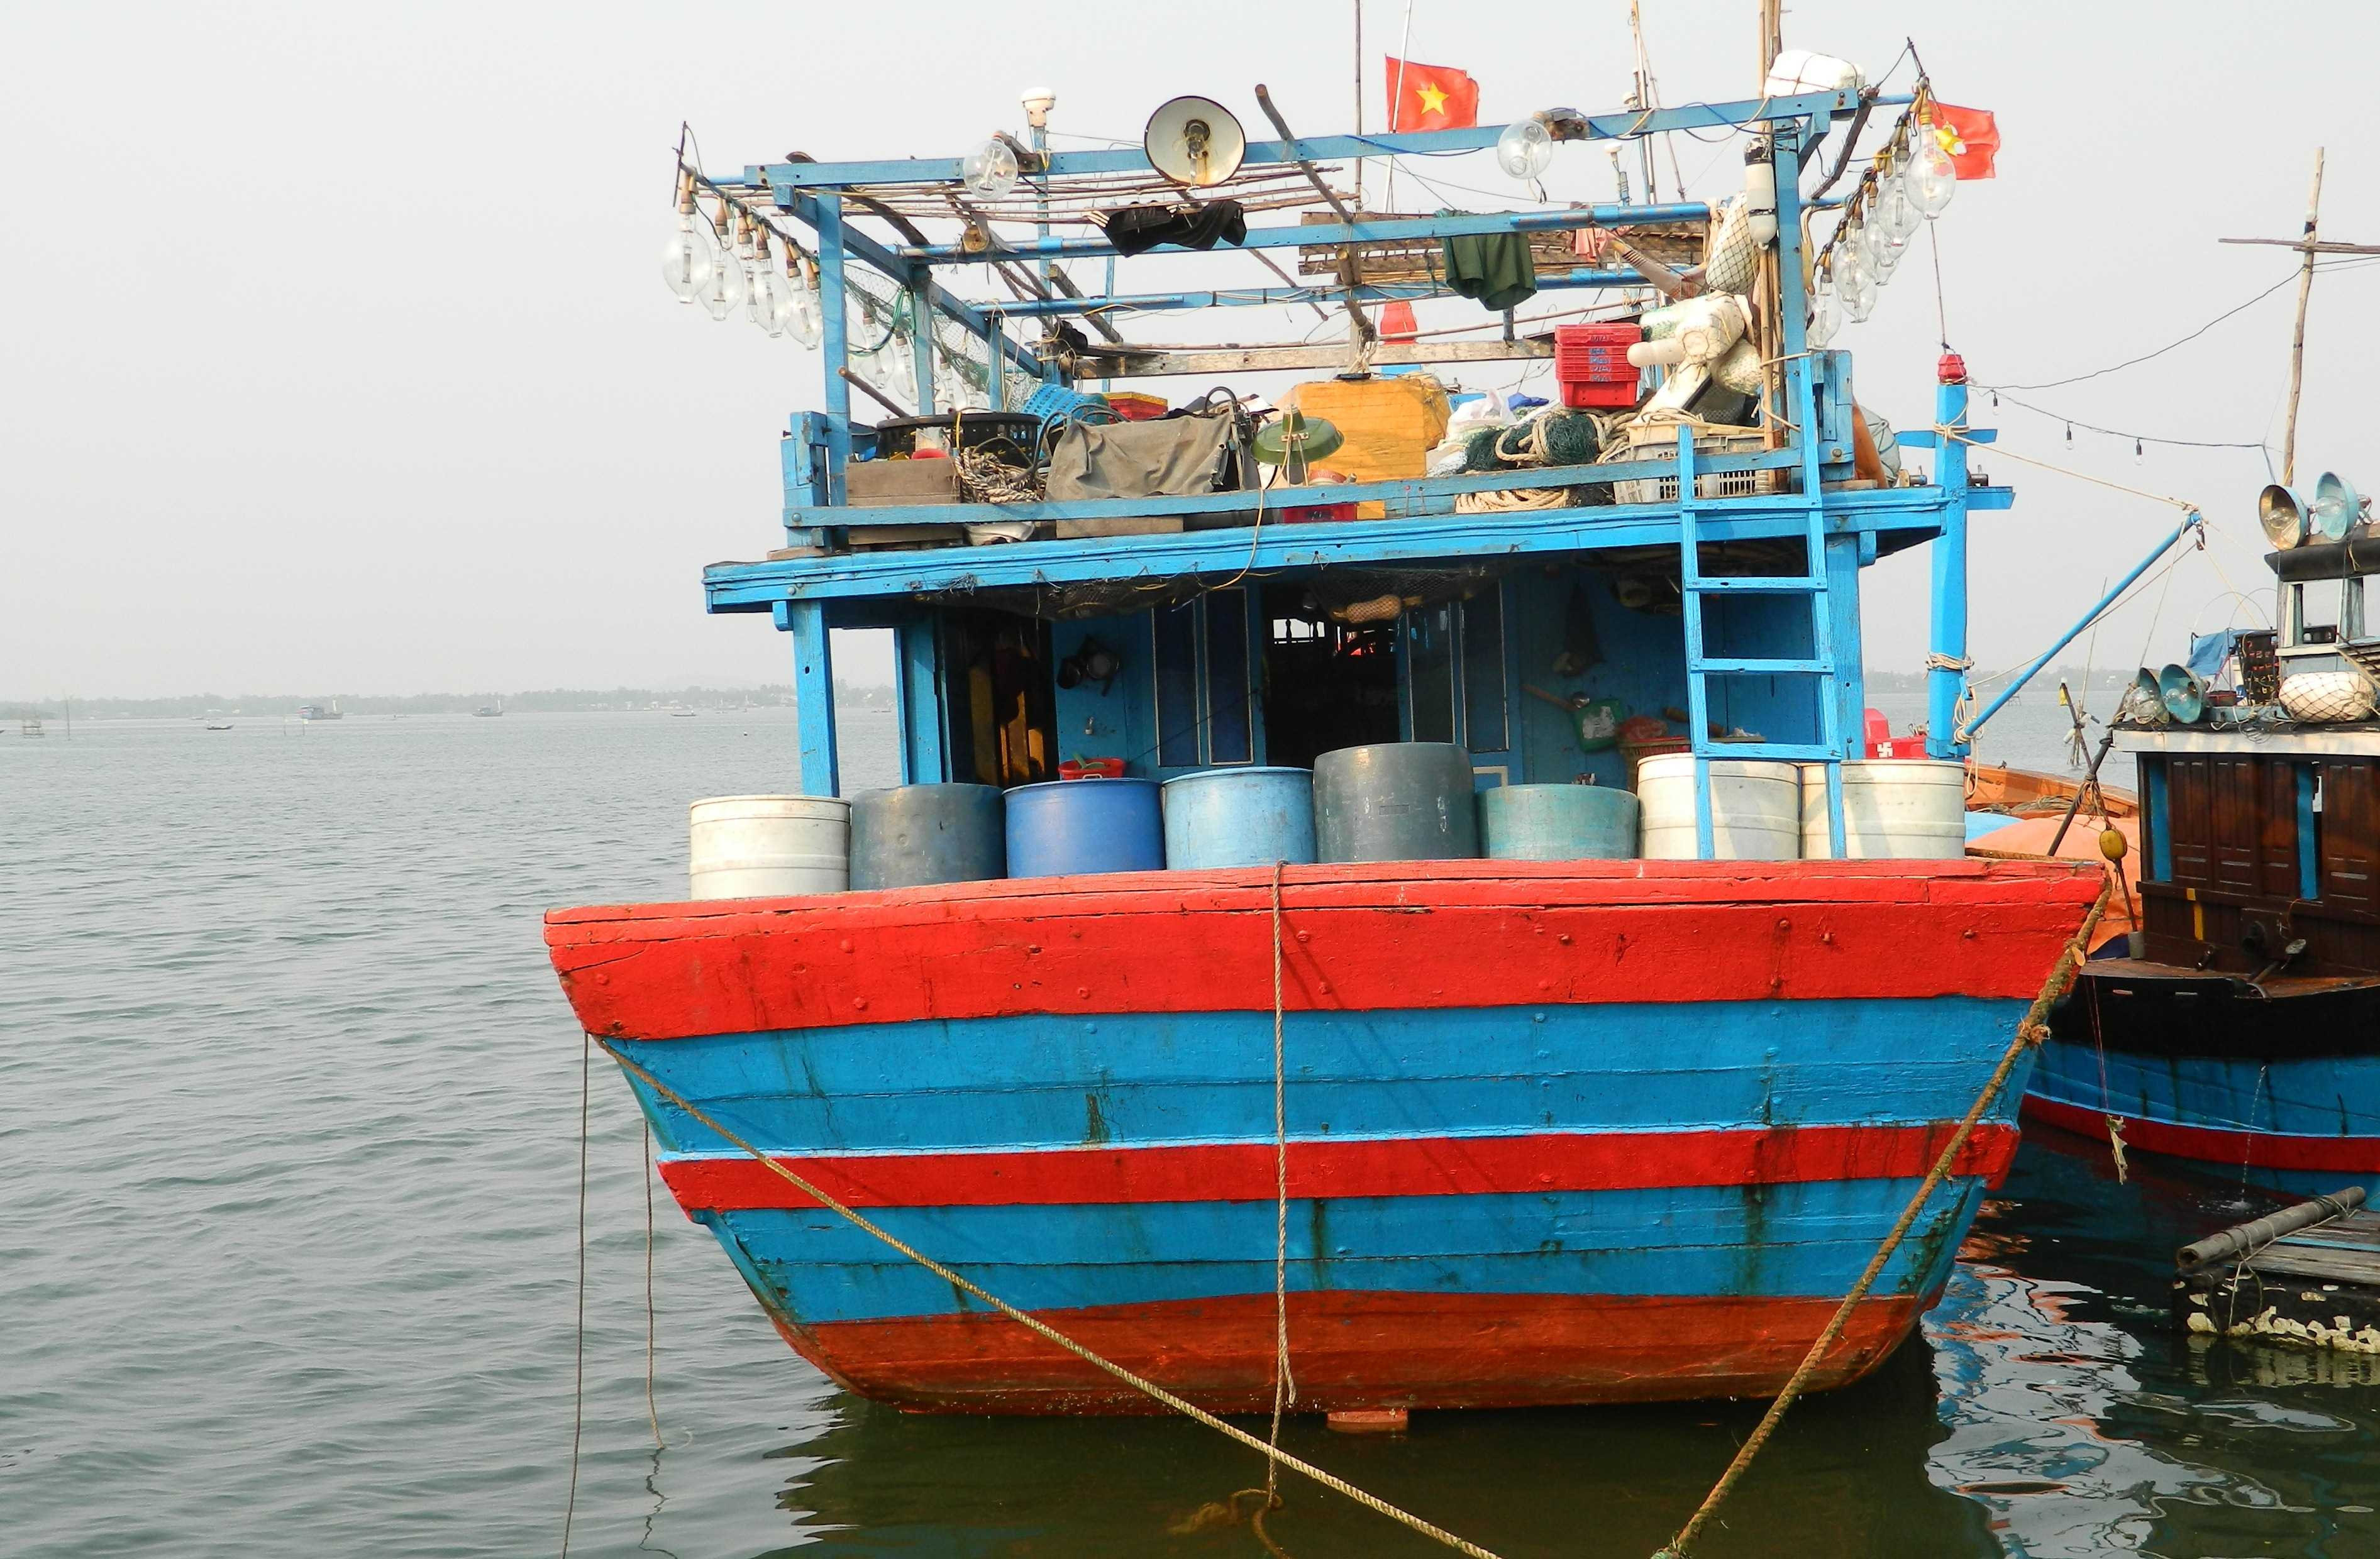 Hiện tàu cá QNa-91865 TS đang tiến hành sữa chữa để tiếp tục trở lại biển Hoàng Sa đánh bắt hải sản.